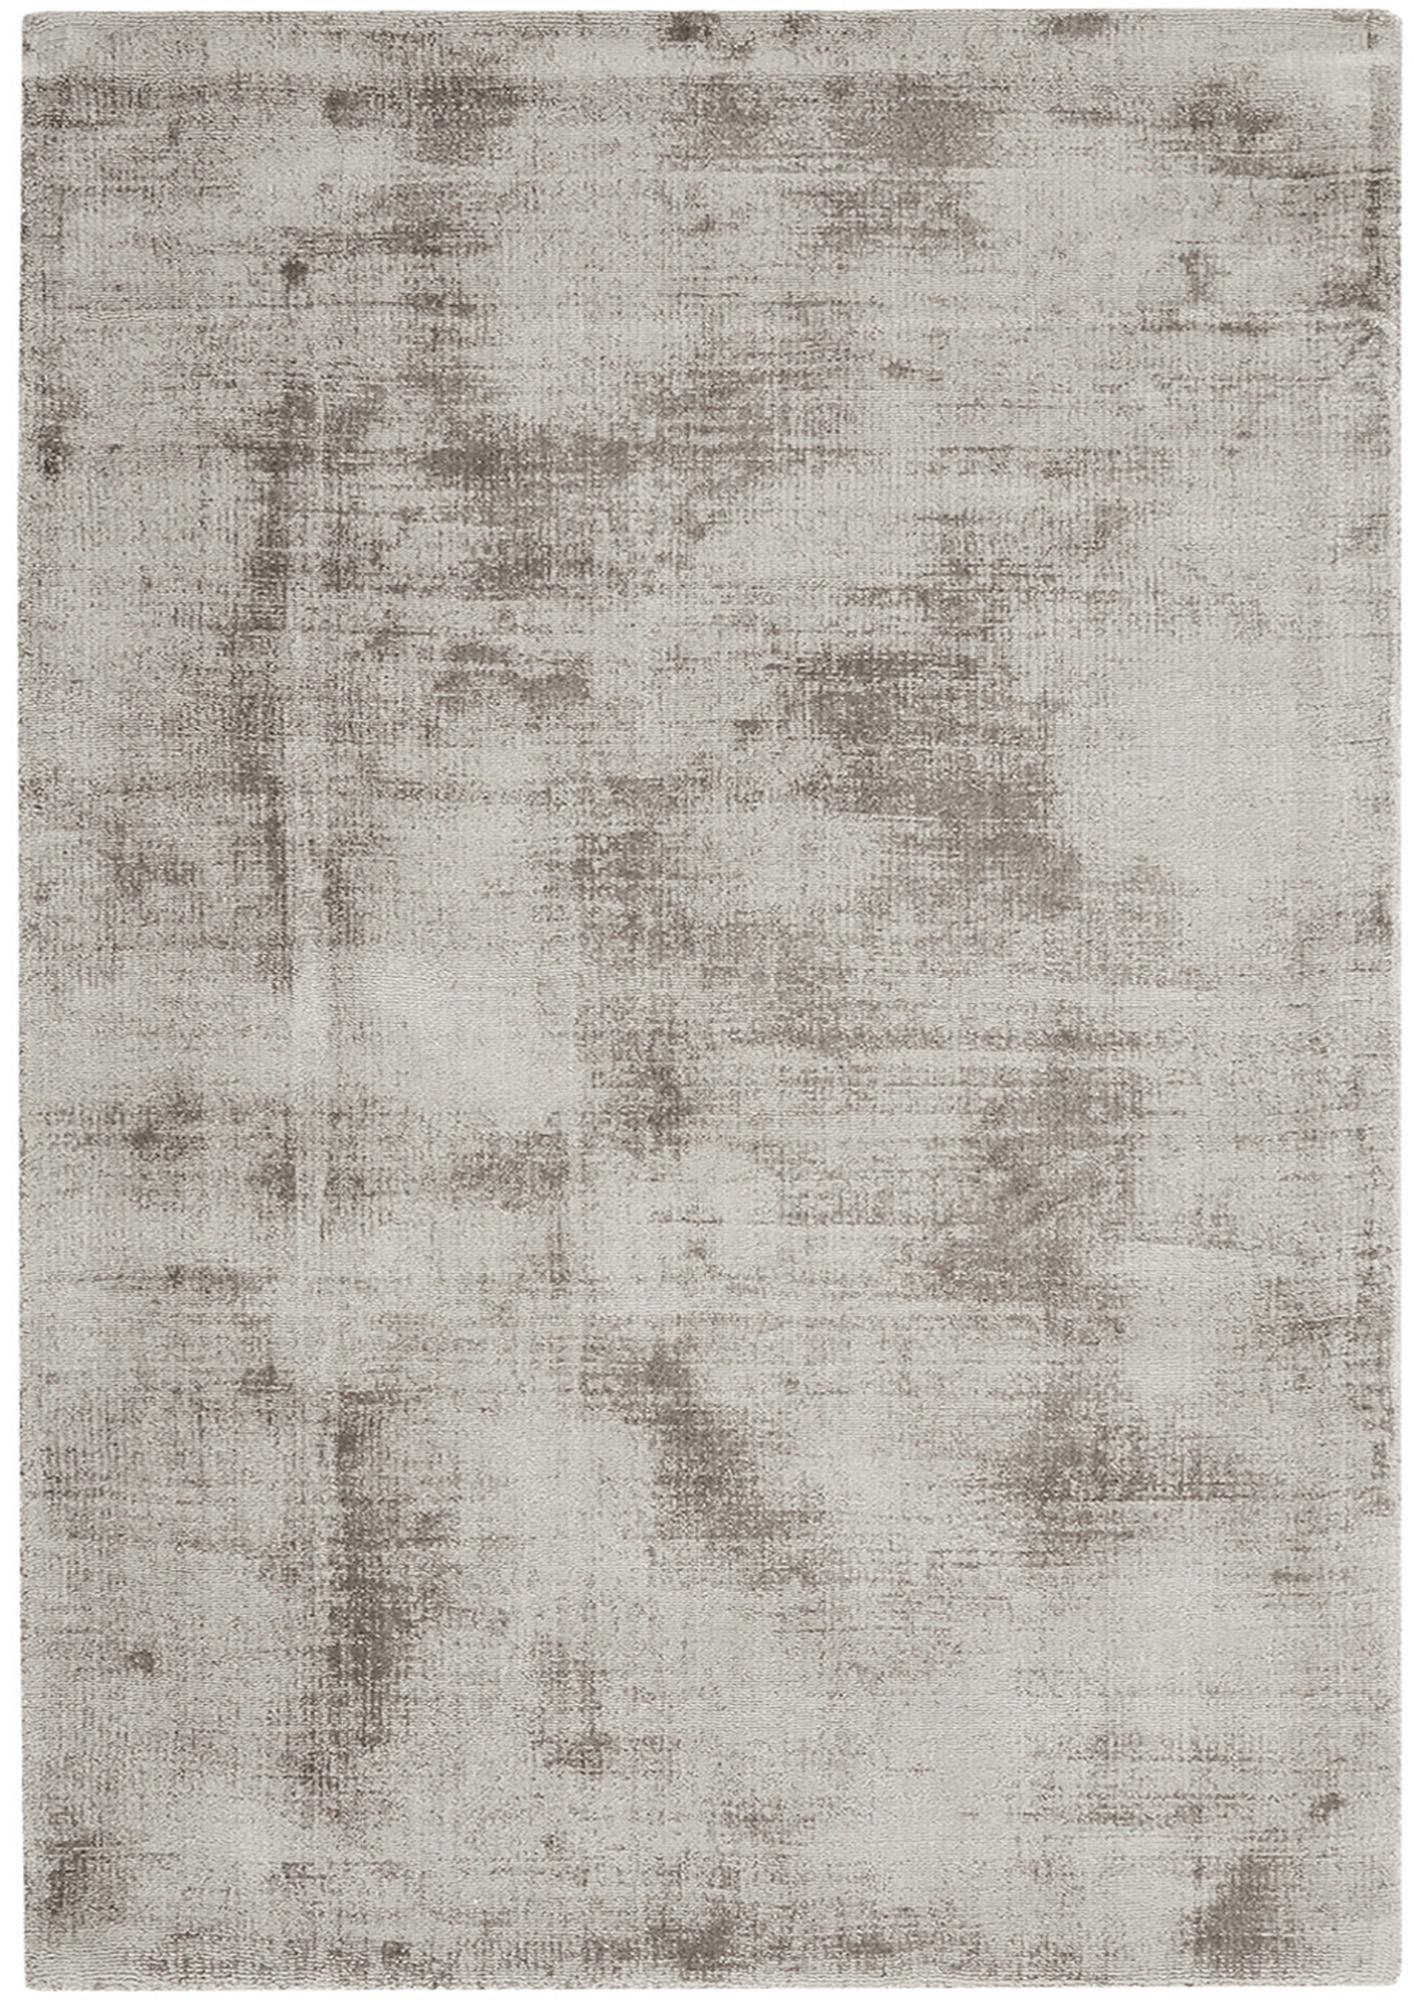 Tappeto in viscosa tessuto a mano Jane, Retro: 100% cotone, Taupe, Larg.160 x Lung. 230 cm  (taglia M)